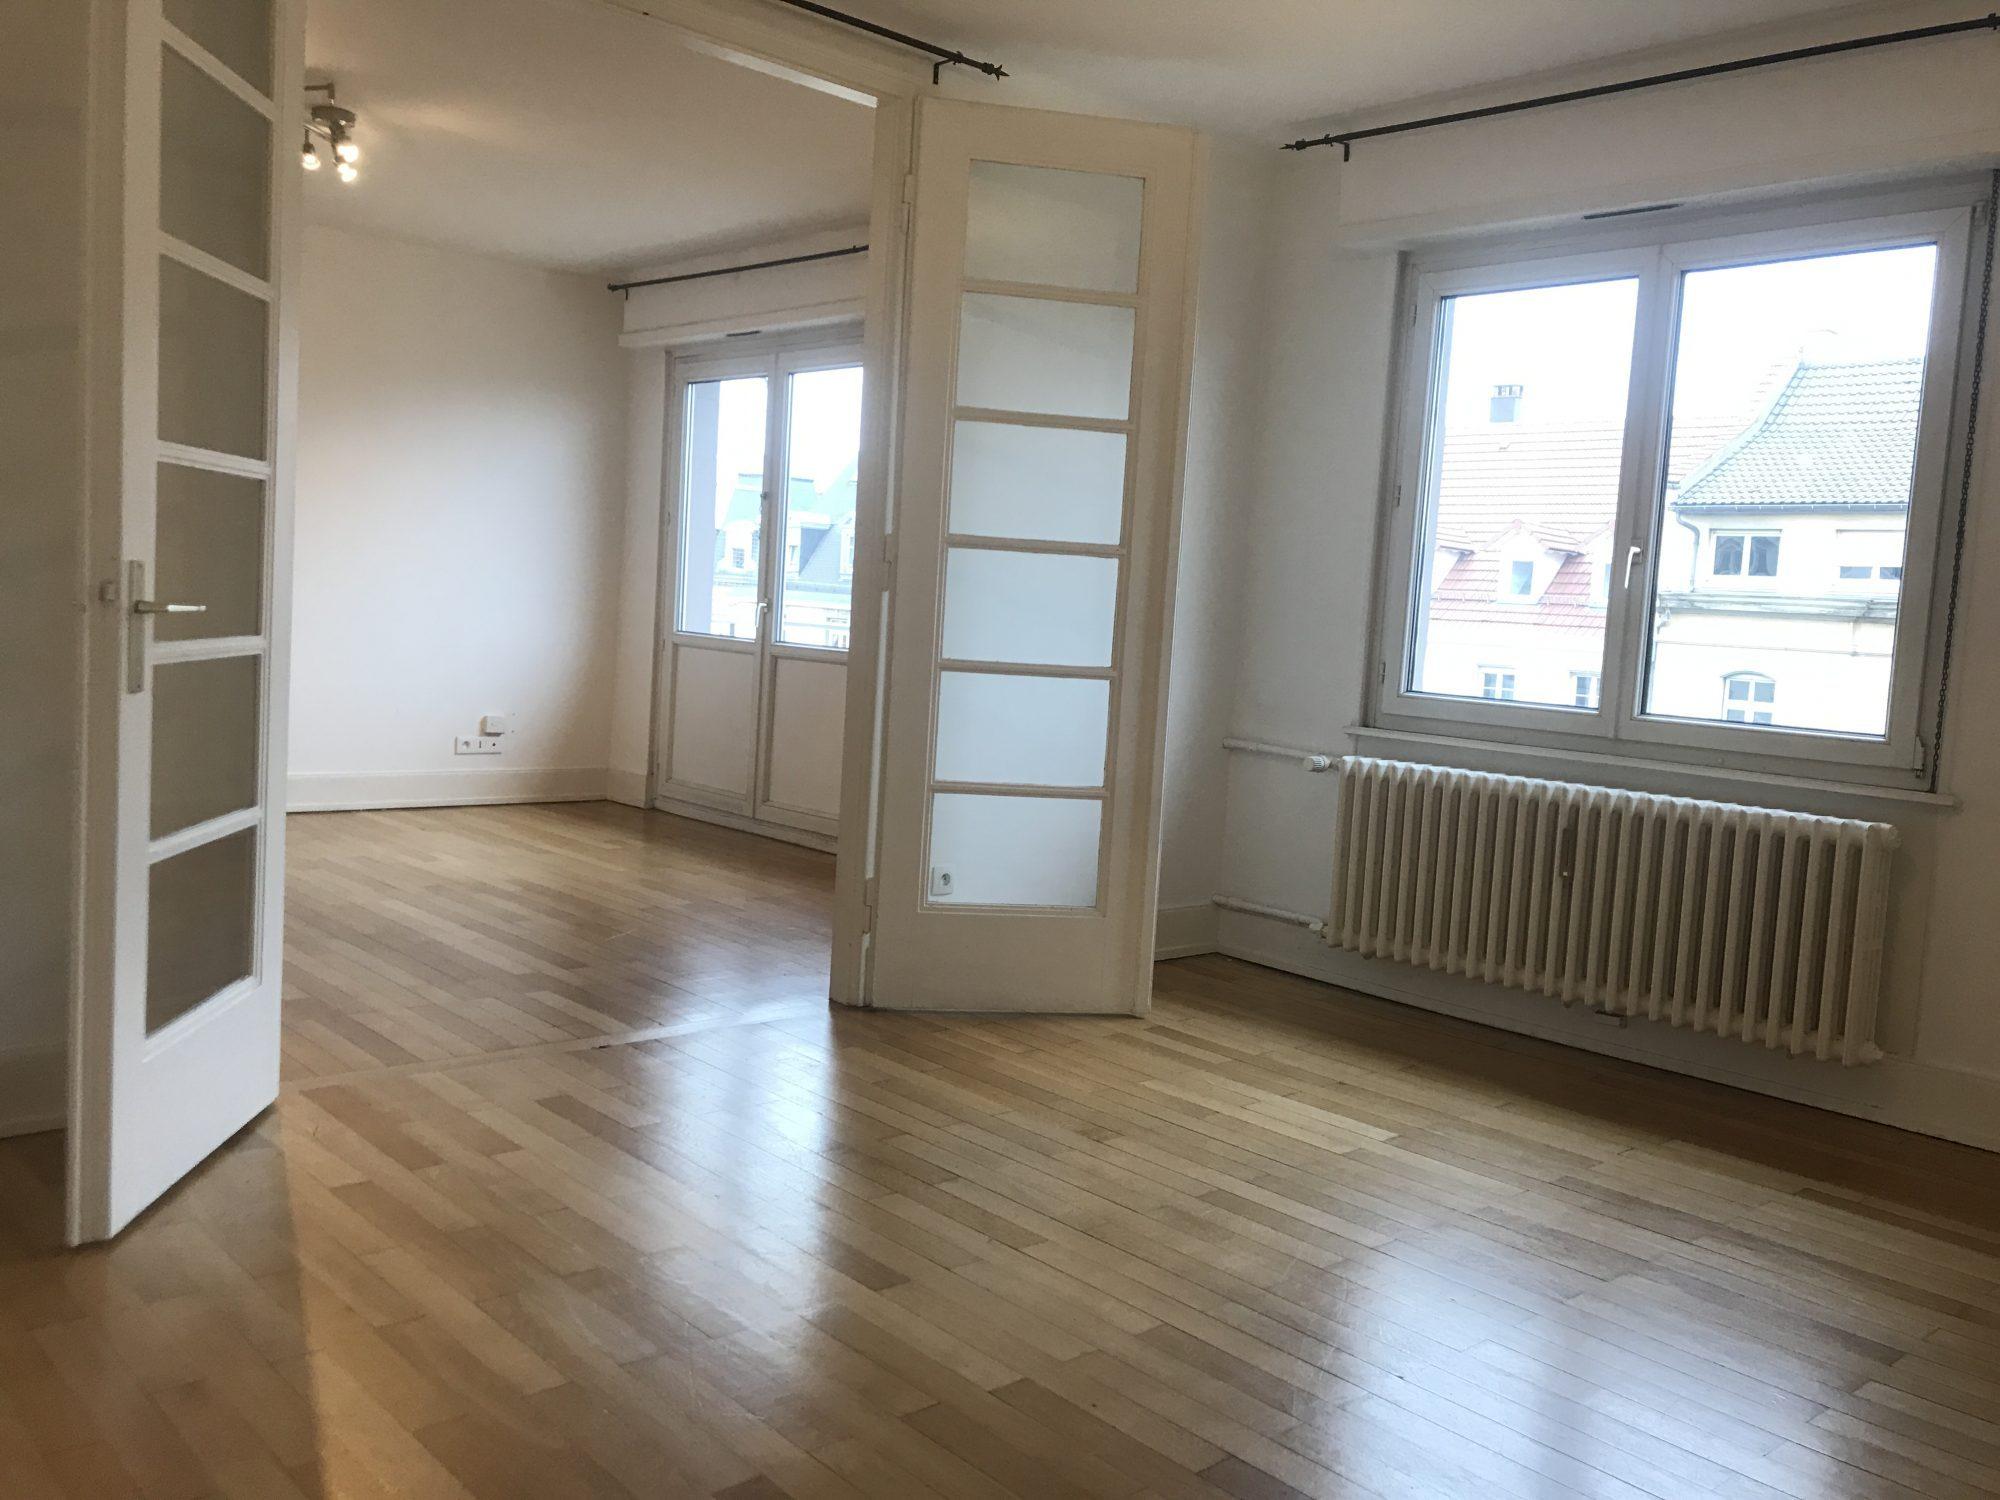 GRAND 3 PIECES BLVD DE LYON - Devenez locataire en toute sérénité - Bintz Immobilier - 2